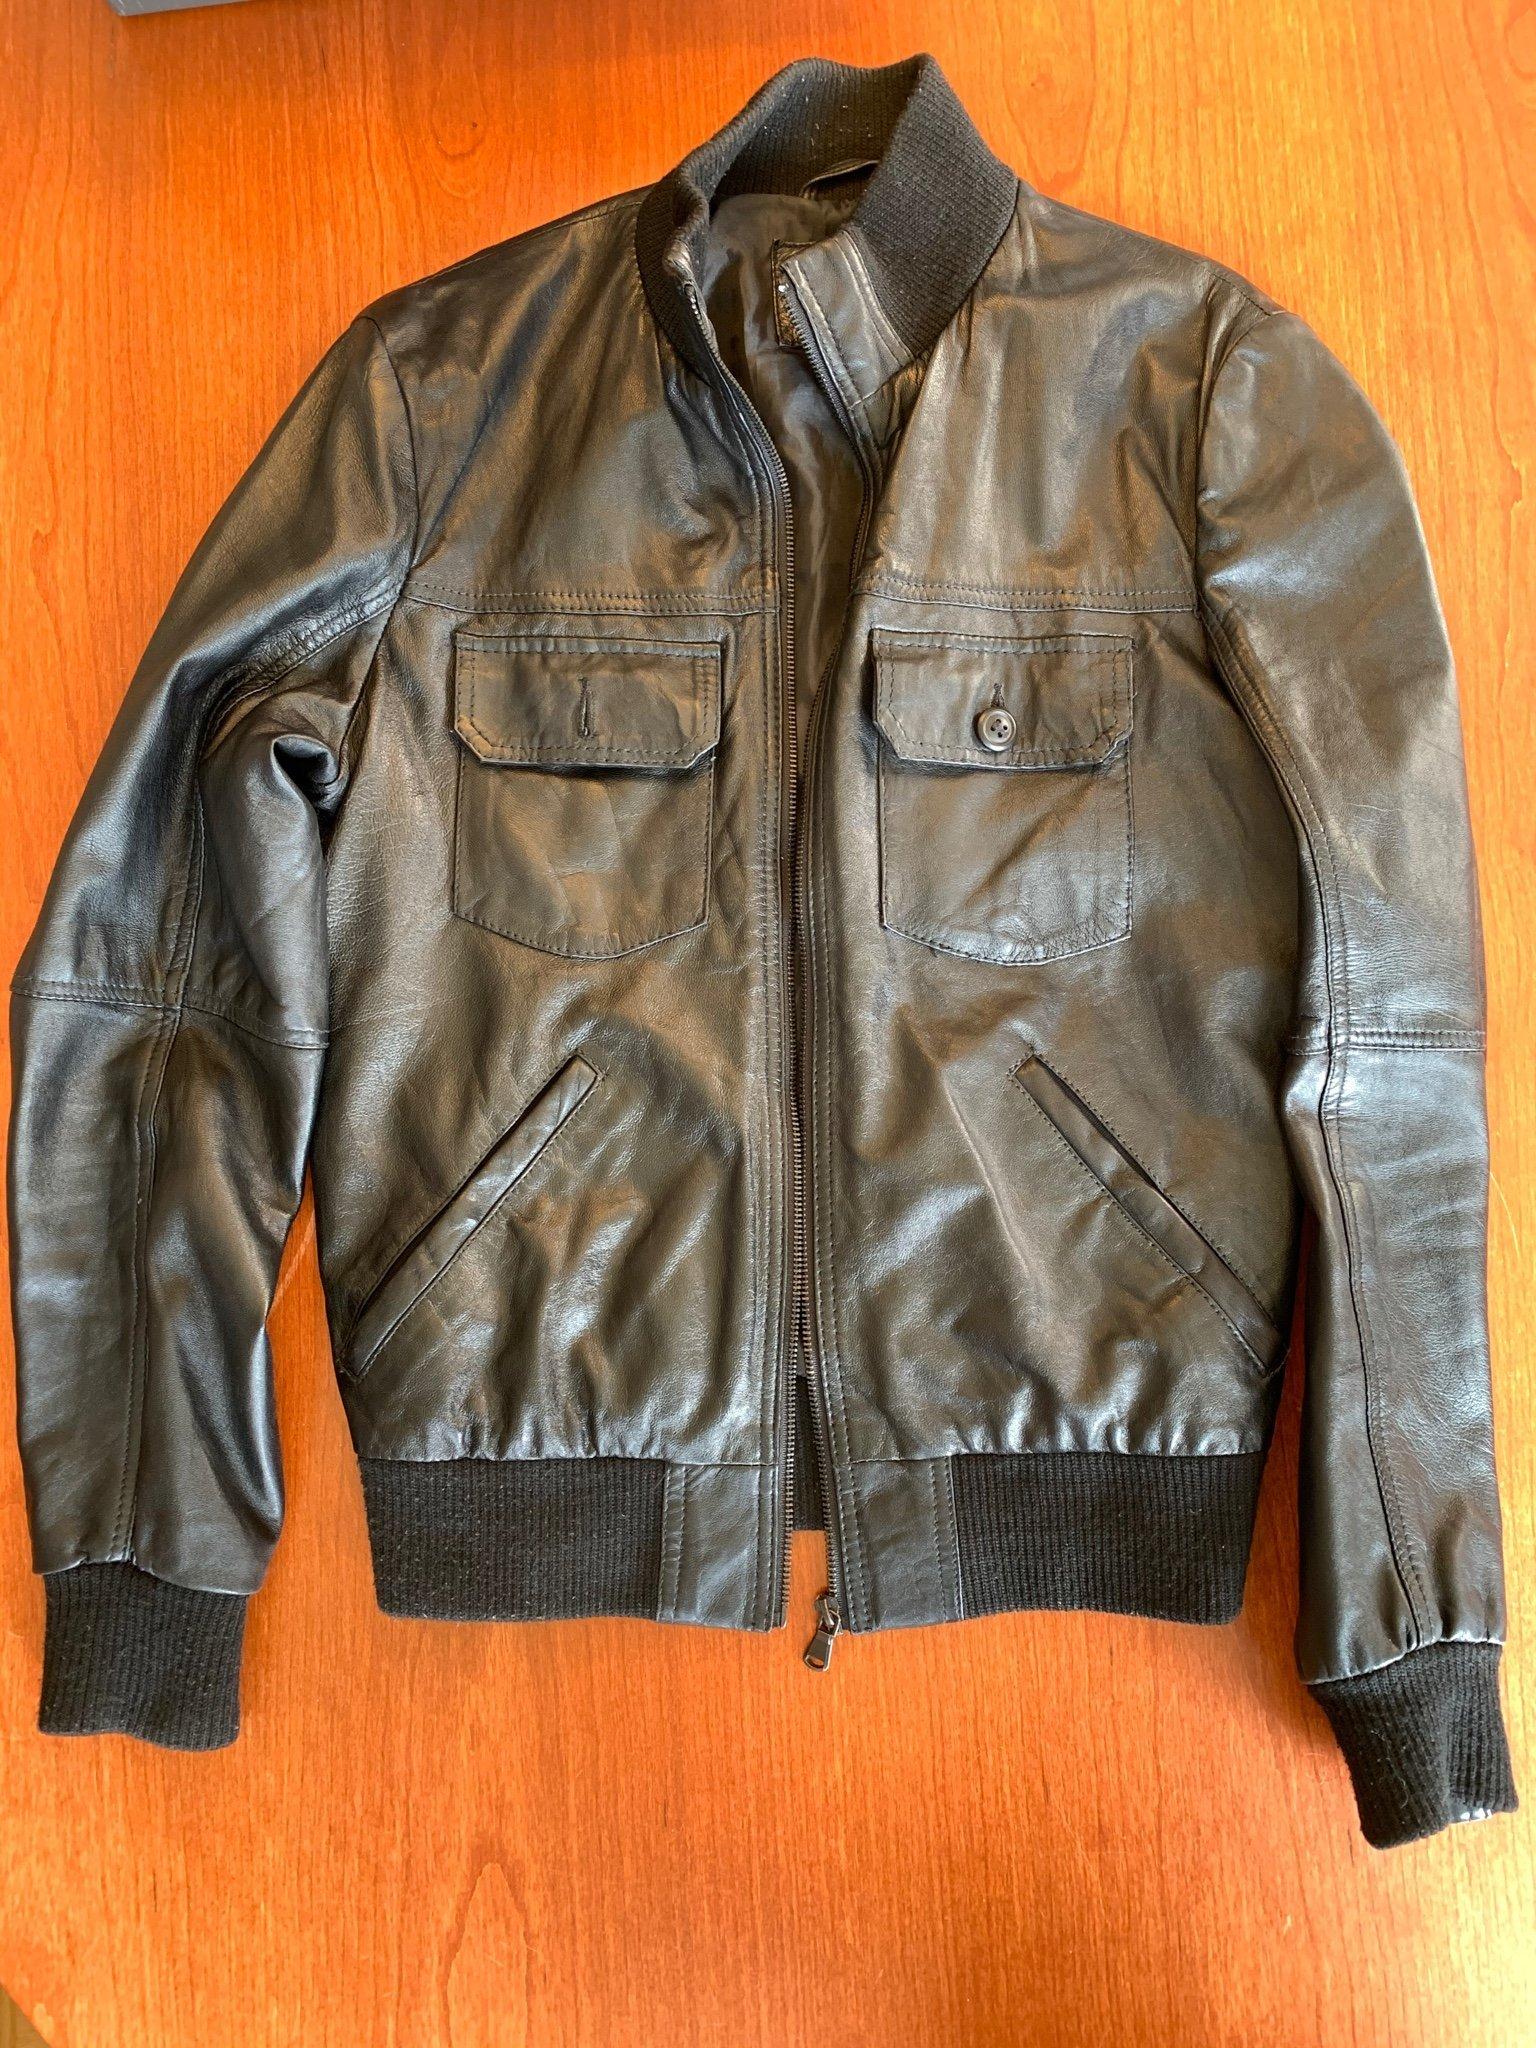 Svart Skinnjacka Zara Youth strl Small (418985128) ᐈ Köp på